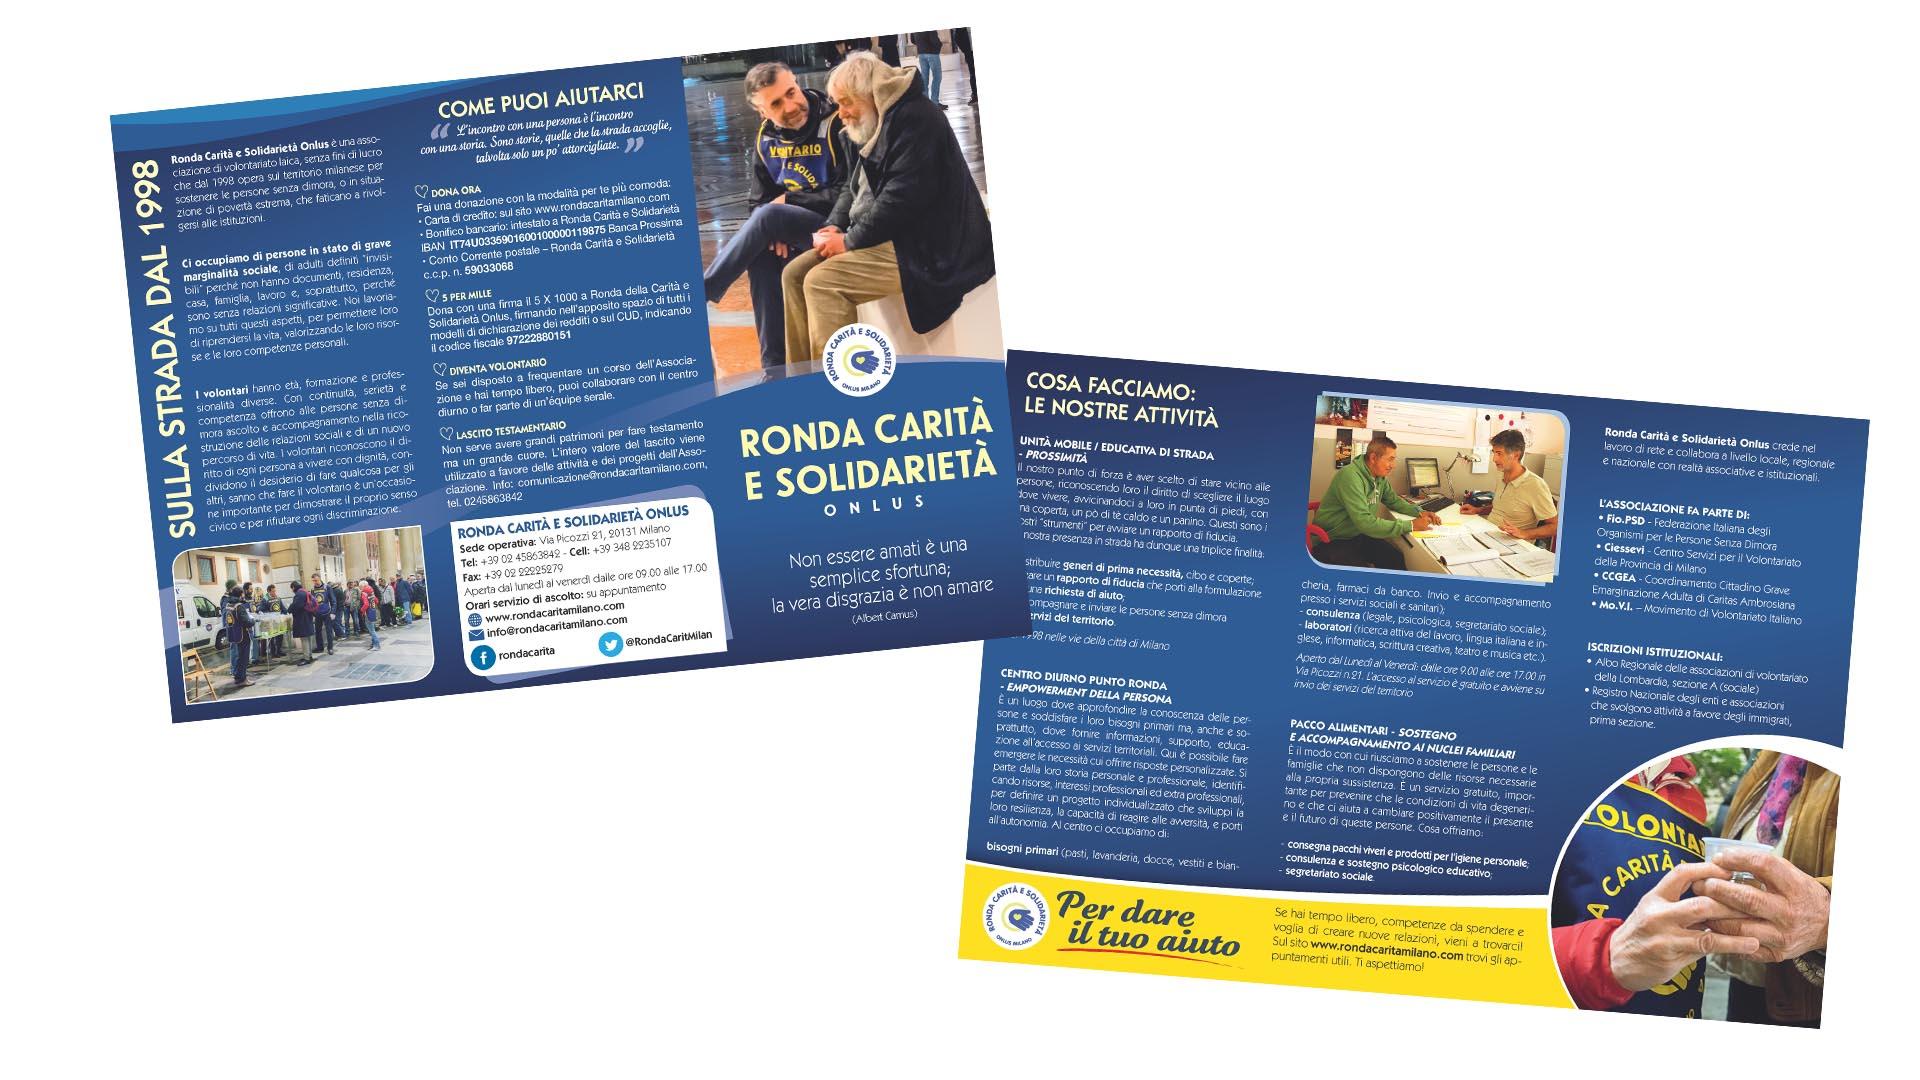 Leaflet Istituzionale Ronda Carità e Solidarietà Milano